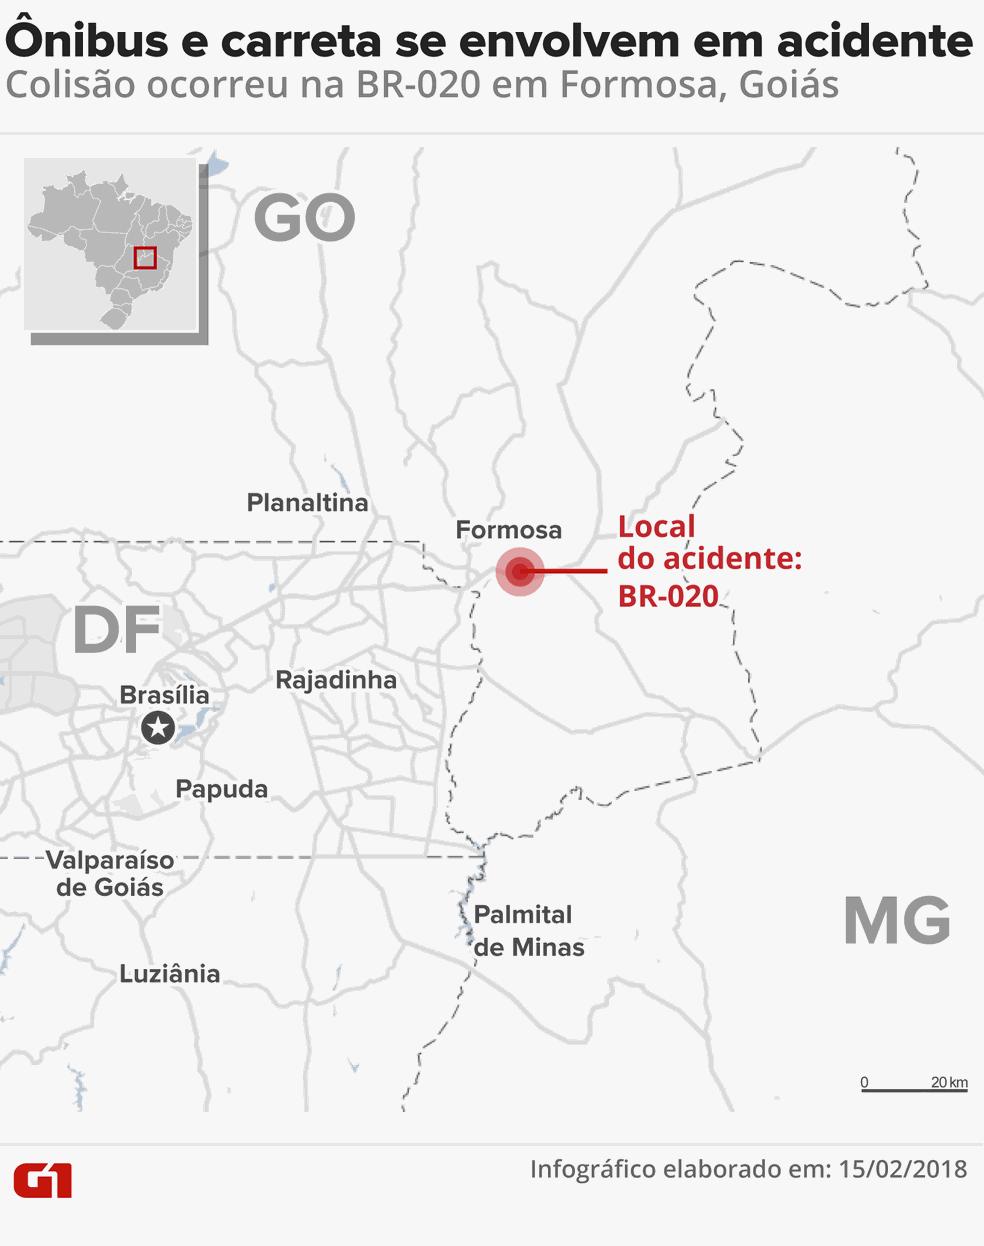 Ônibus colide com carretas e deixa 6 mortos em Goiás